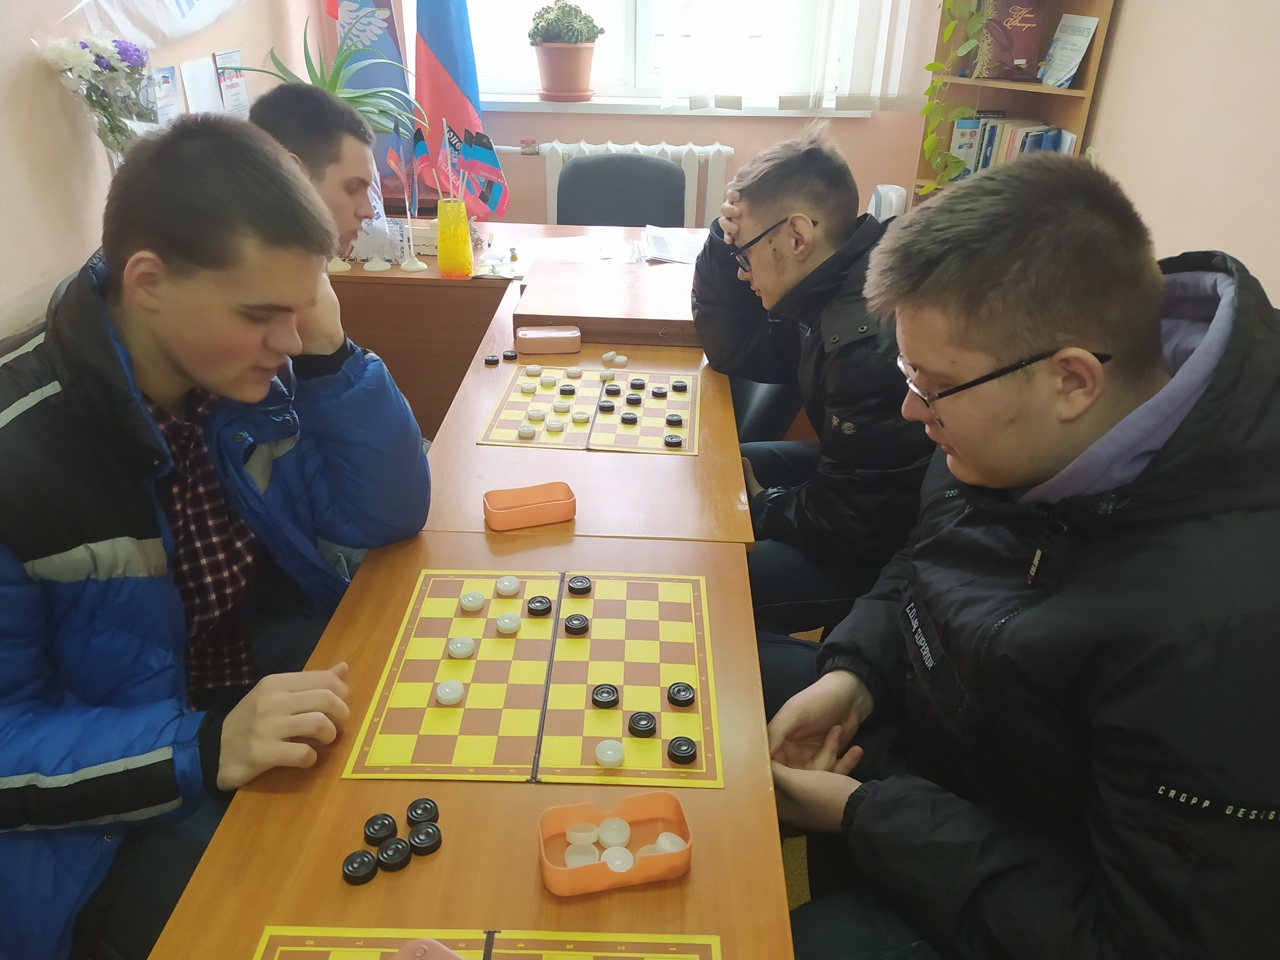 Сегодня, 24 февраля 2021 года, завершилось Первенство академии по шашкам.